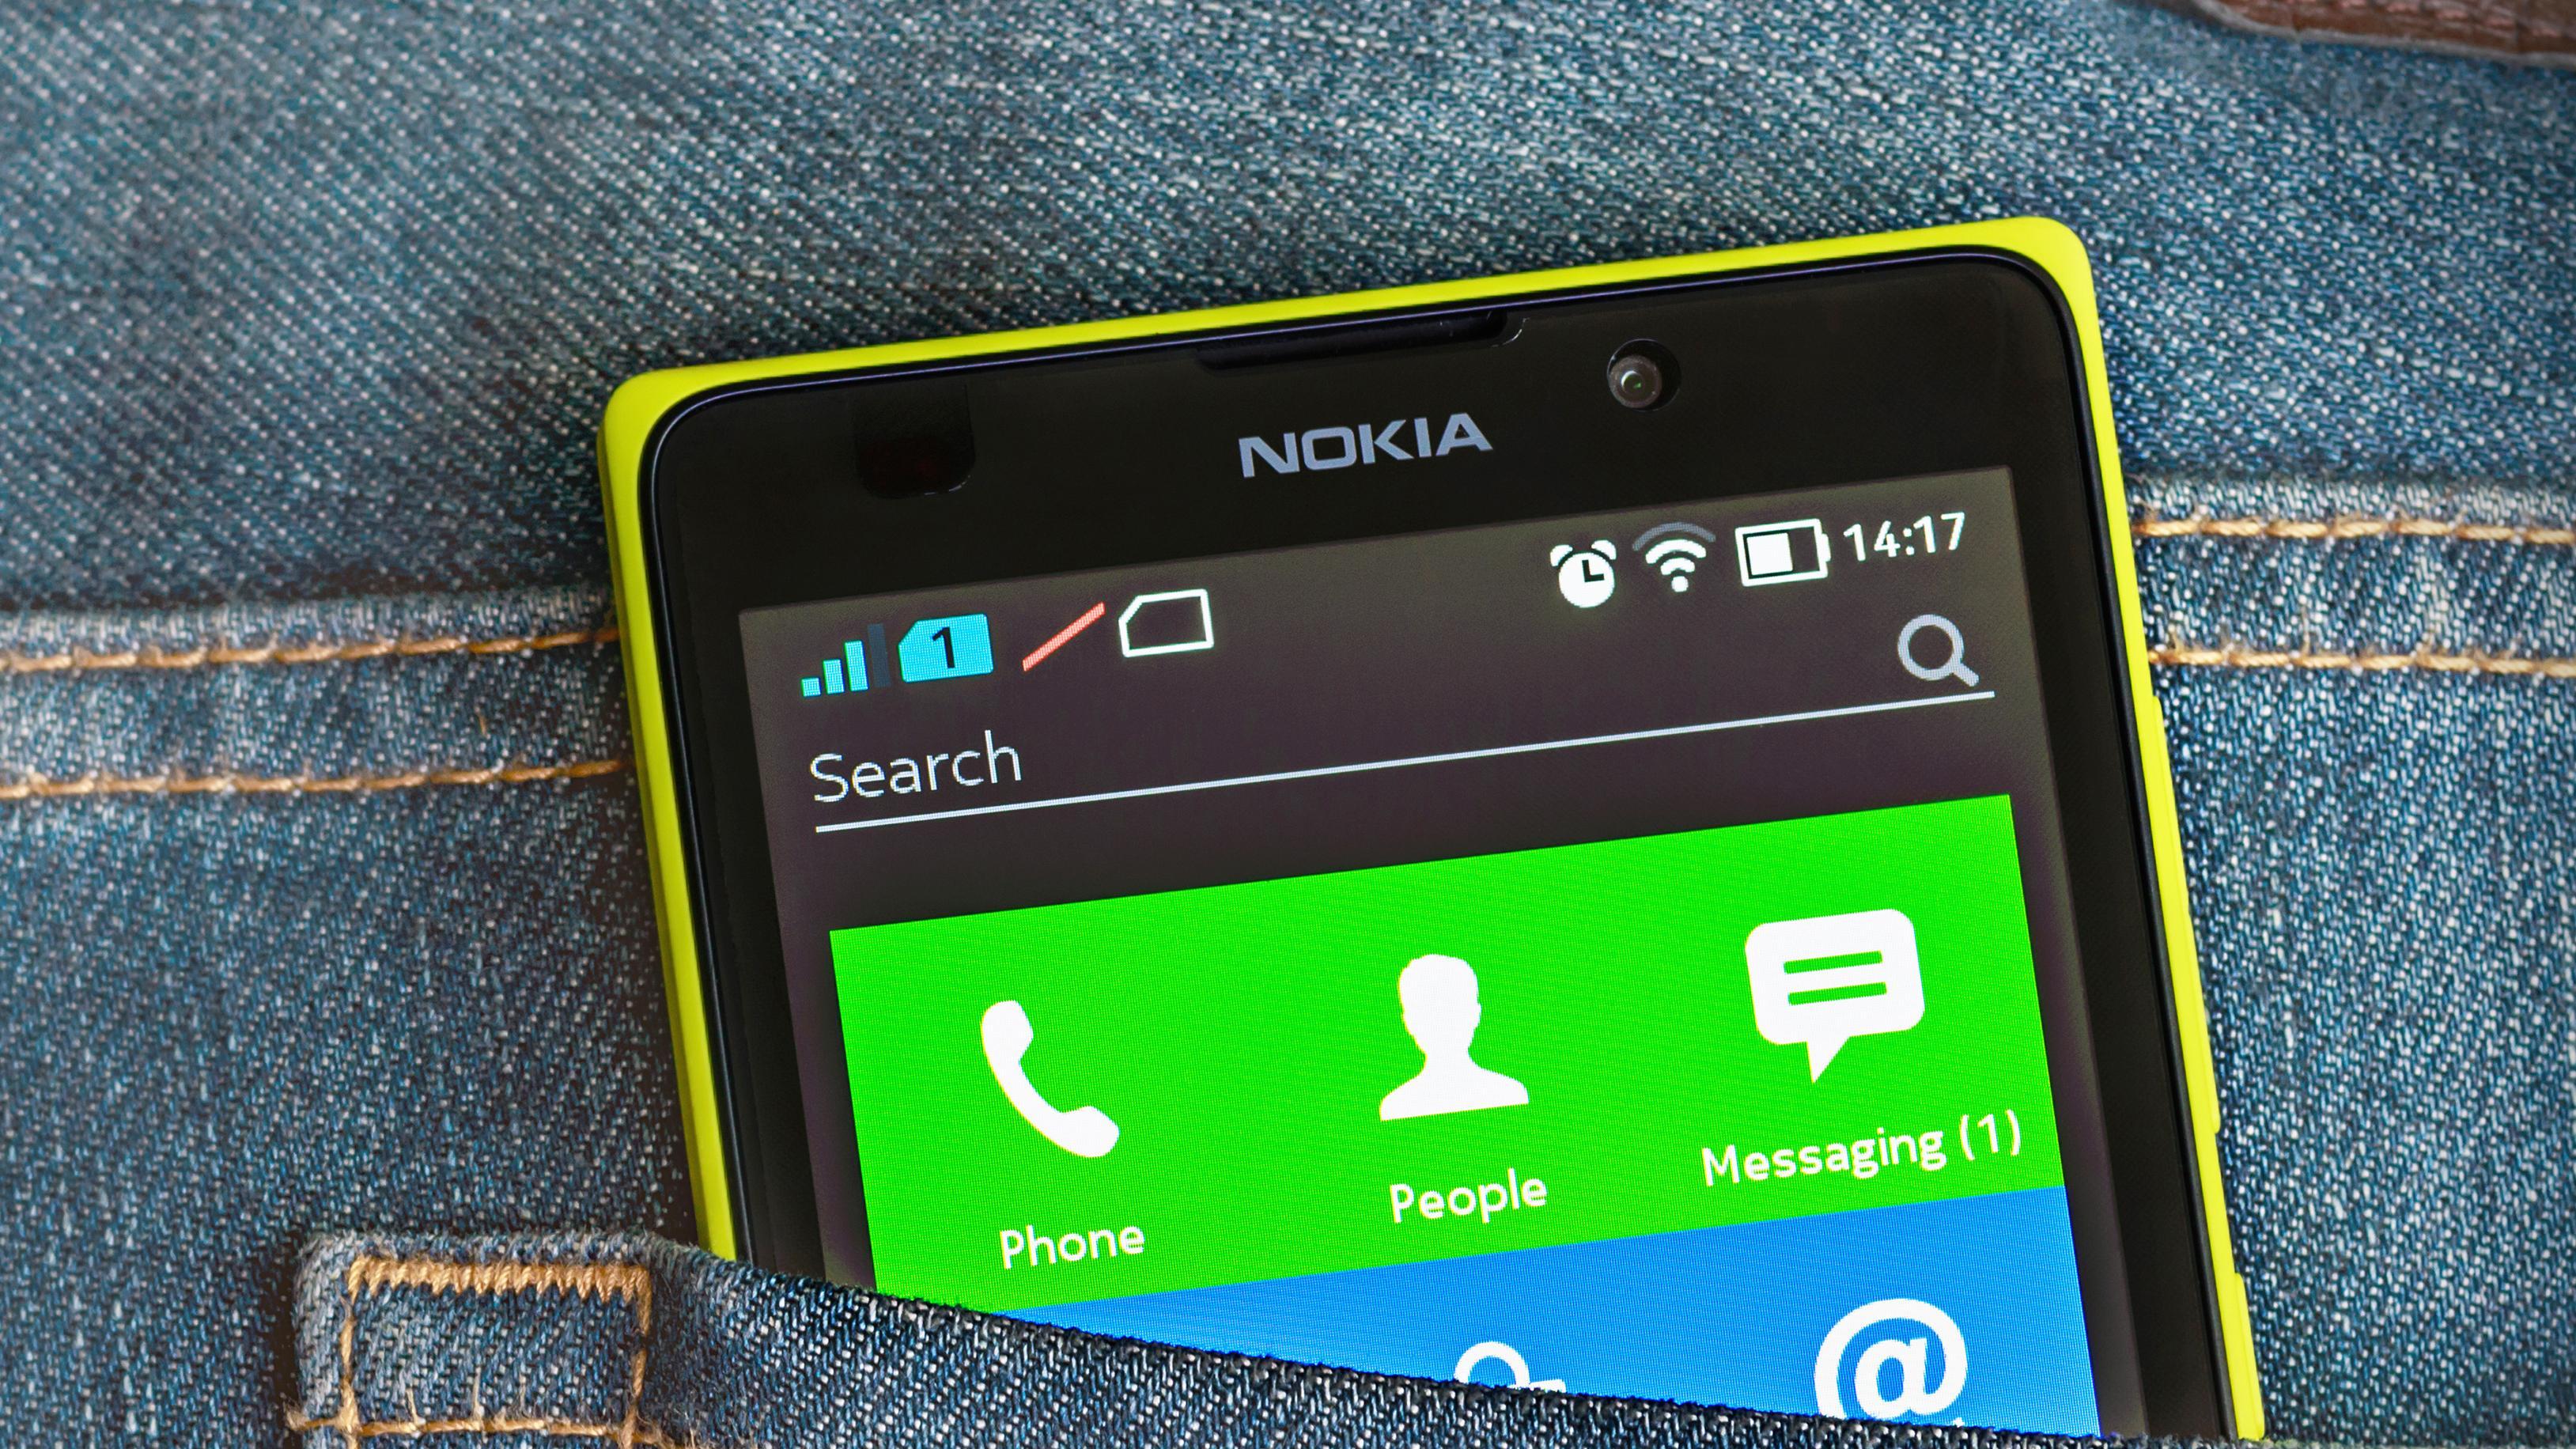 Snart kan du kjøpe Nokia-mobiler igjen